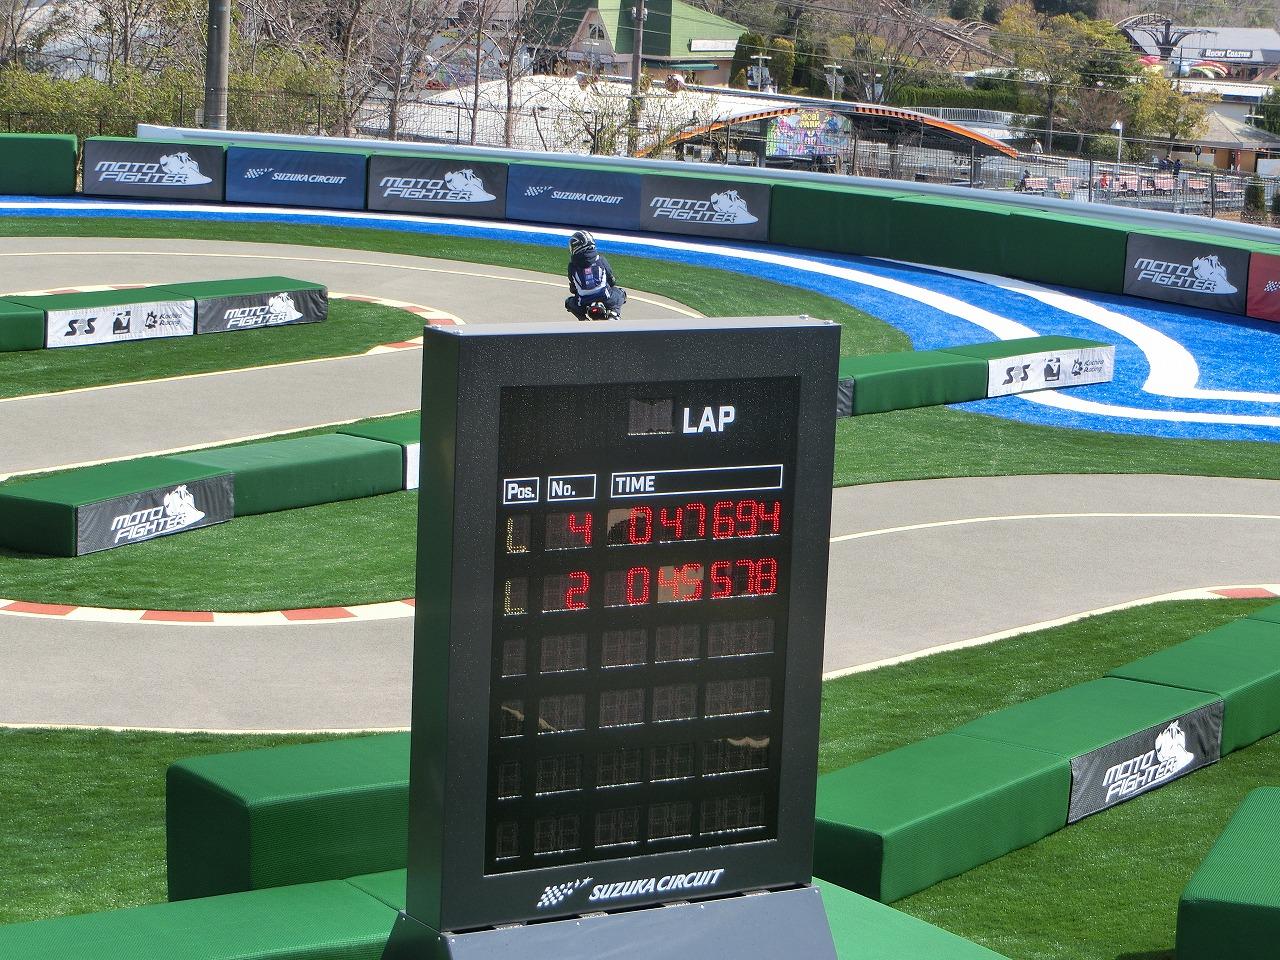 「鈴鹿サーキットに立体オフロードコース!? 親子で楽しめる4つのバイクアトラクションがオープン」の25枚目の画像